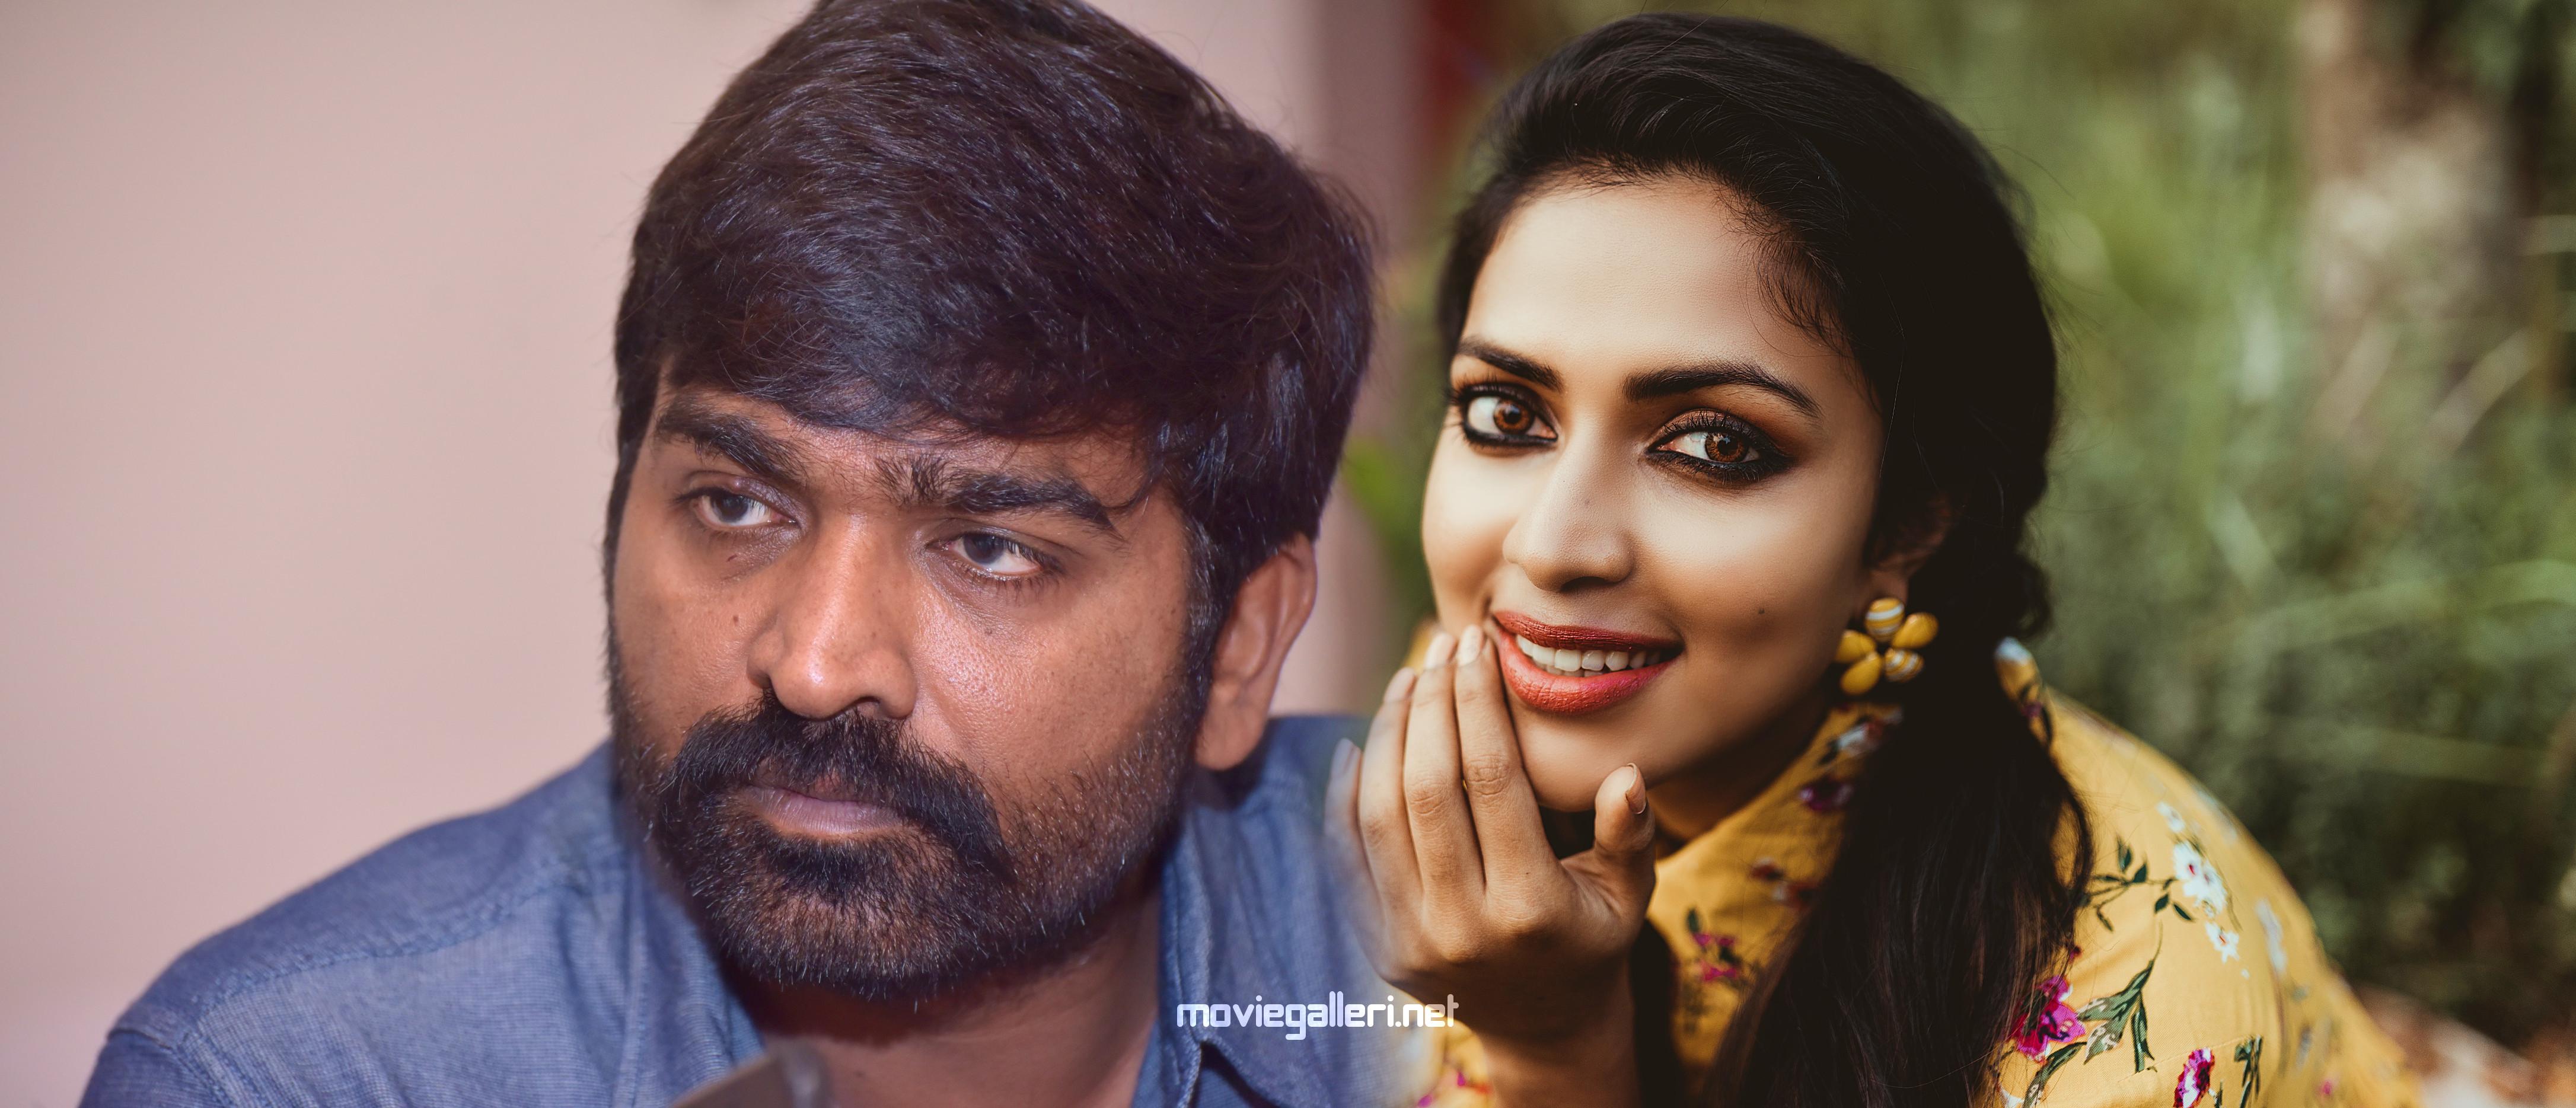 Vijay Sethupathi Amala Paul Movie launched in Palani